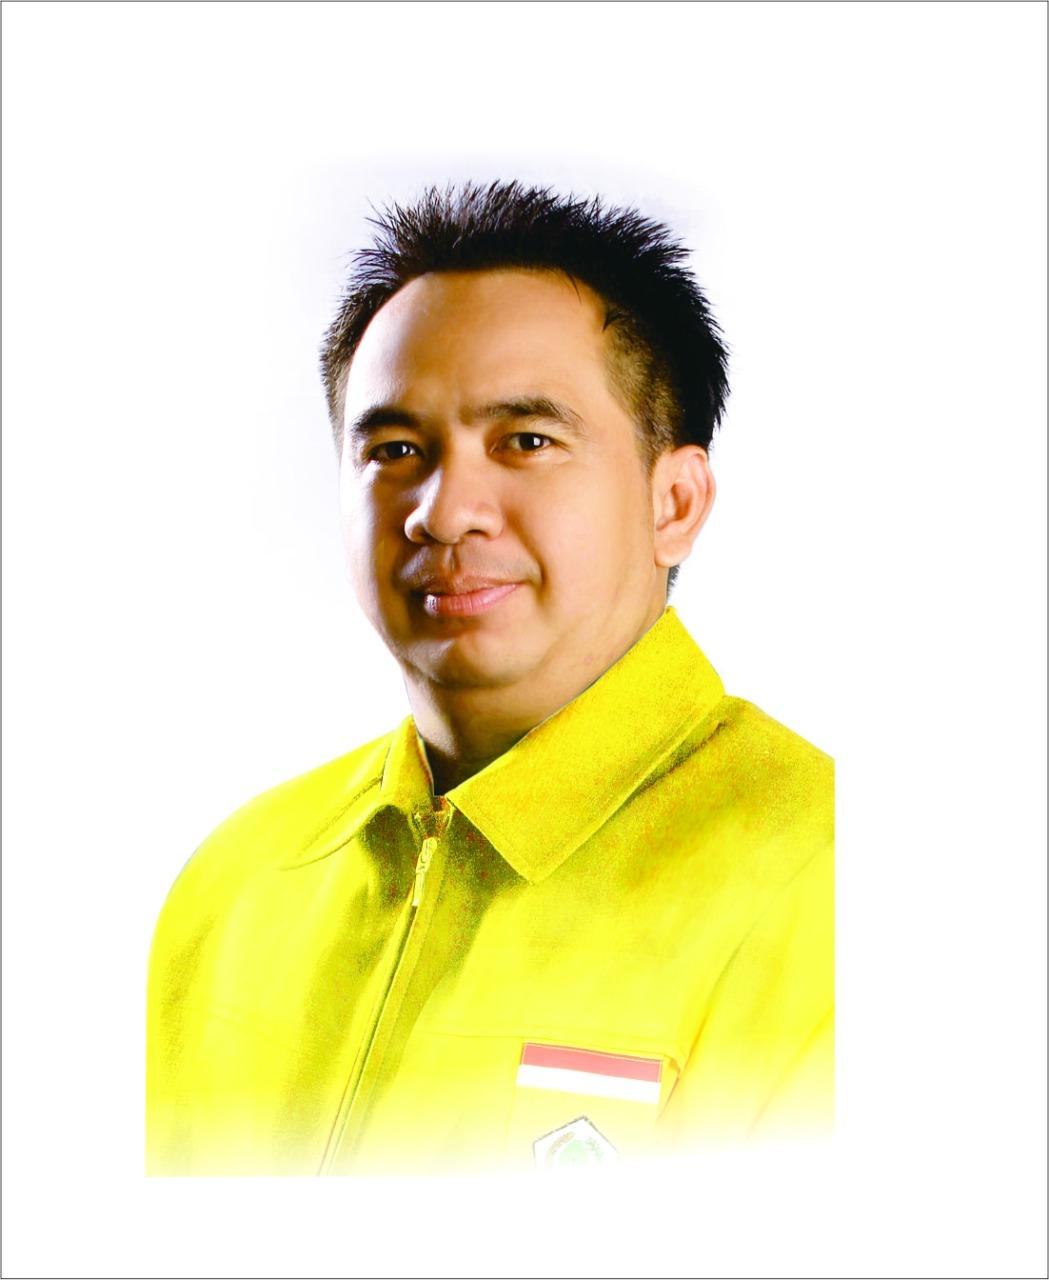 Hanya 5 Orang yang Memenuhi Juknis, Ferryandi Dinilai Paling Layak Jadi Ketua DPRD Inhil